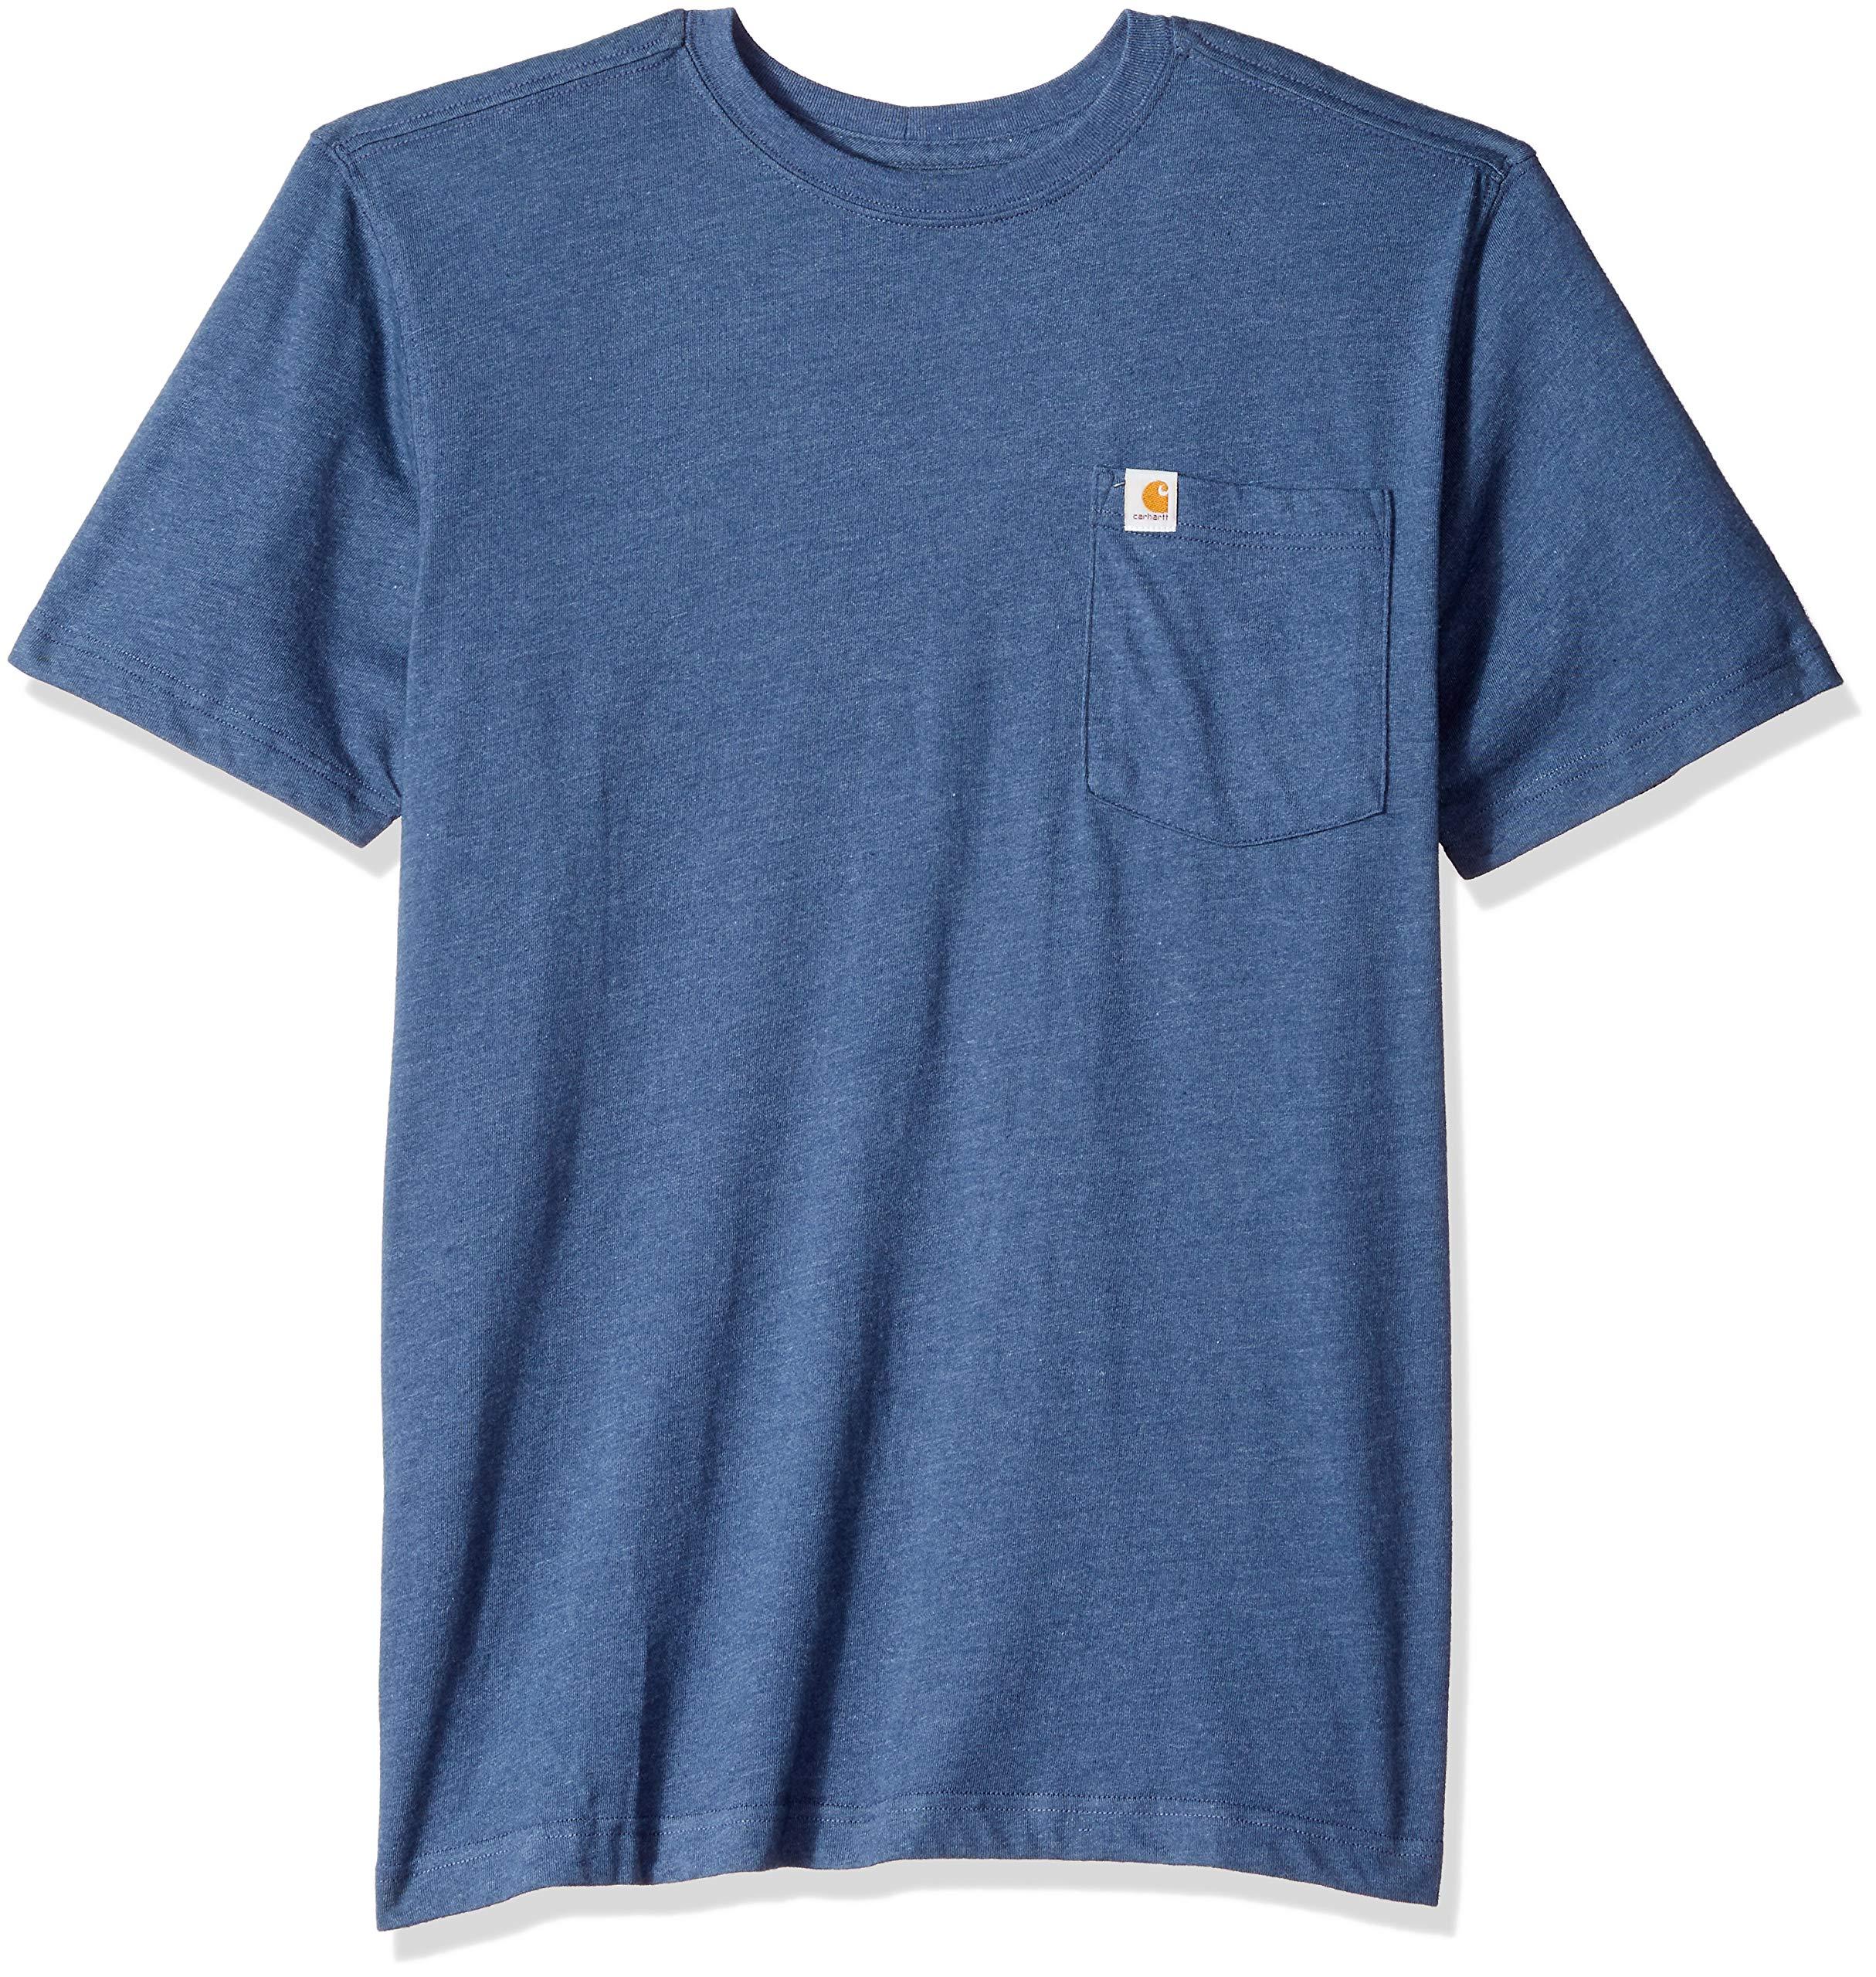 Carhartt T-Shirt Maddock Pocket